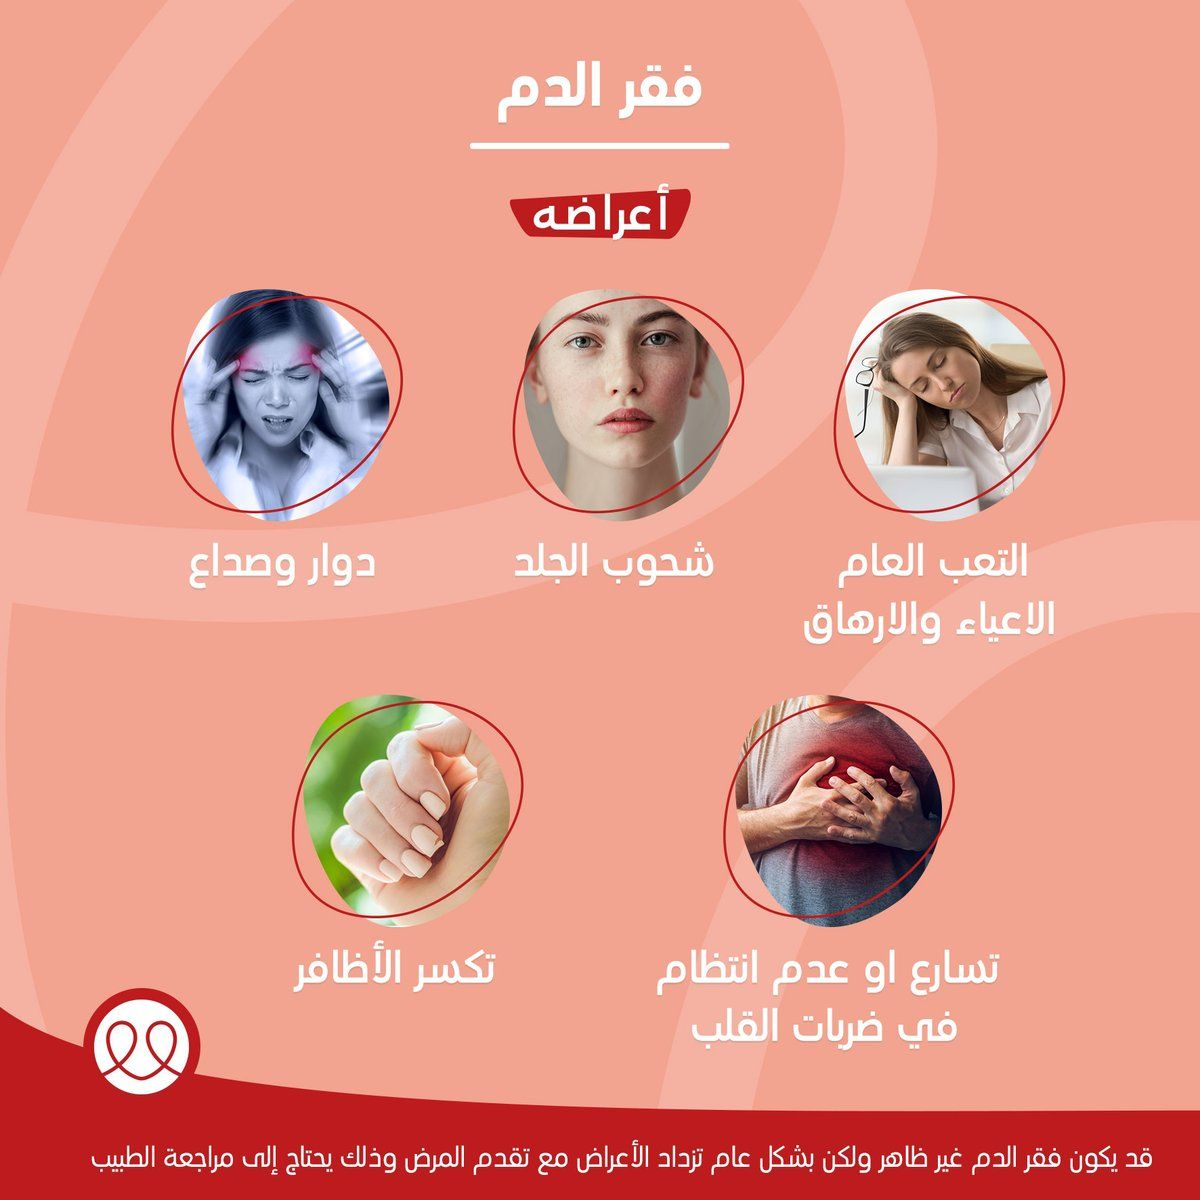 تختلف أعراض فقر الدم الظاهرة على المصاب باختلاف نوع فقر الدم والسبب المؤدي له والمشاكل الصحية التي يعاني منها المريض